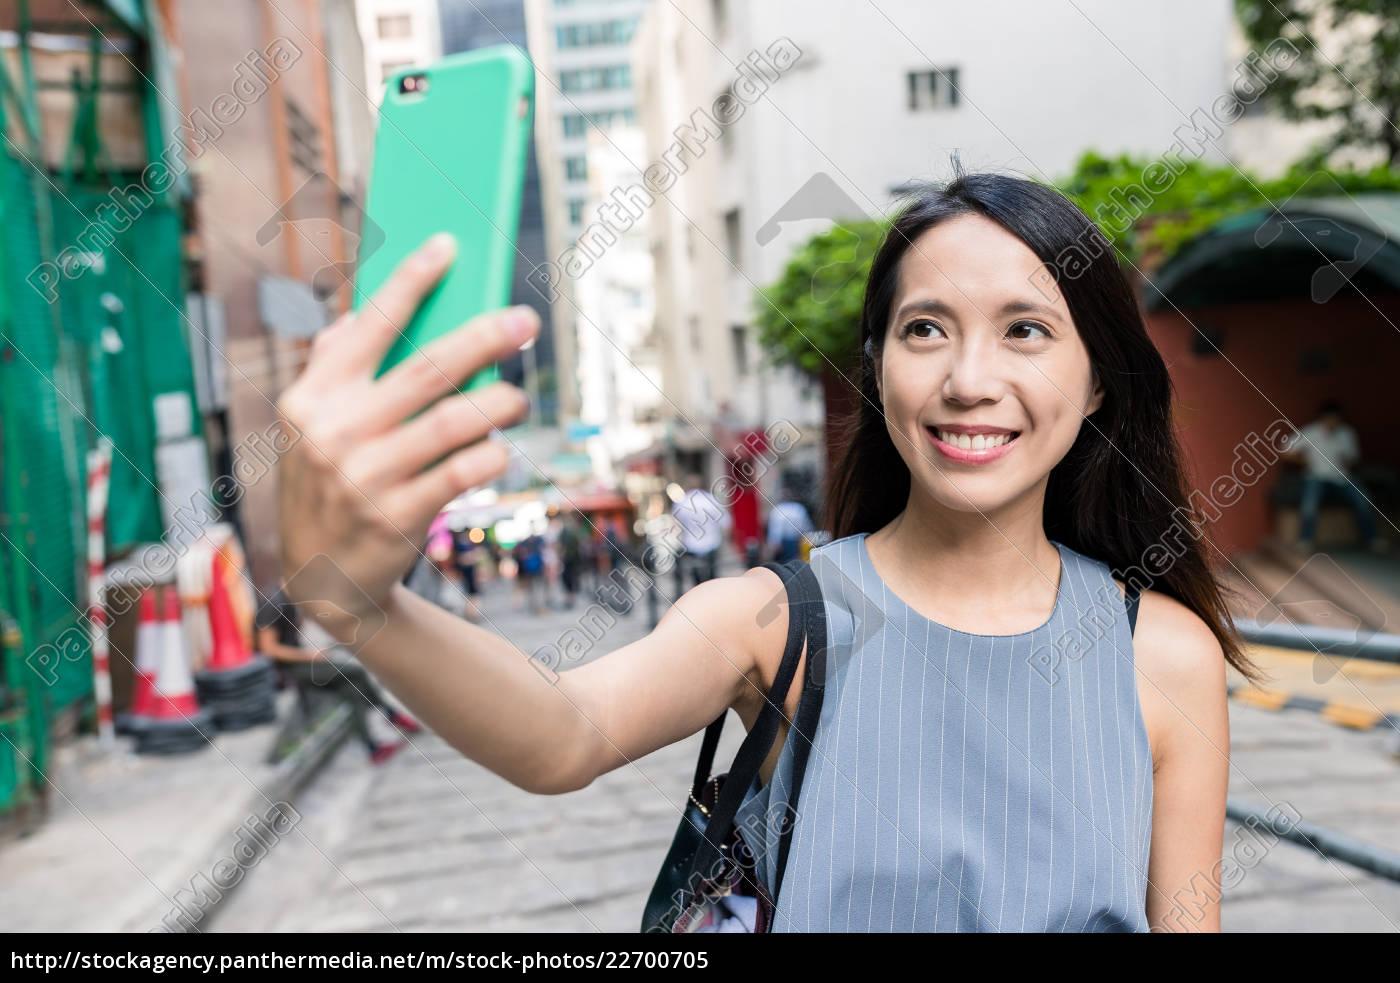 woman, taking, selfie, in, pottinger, street - 22700705